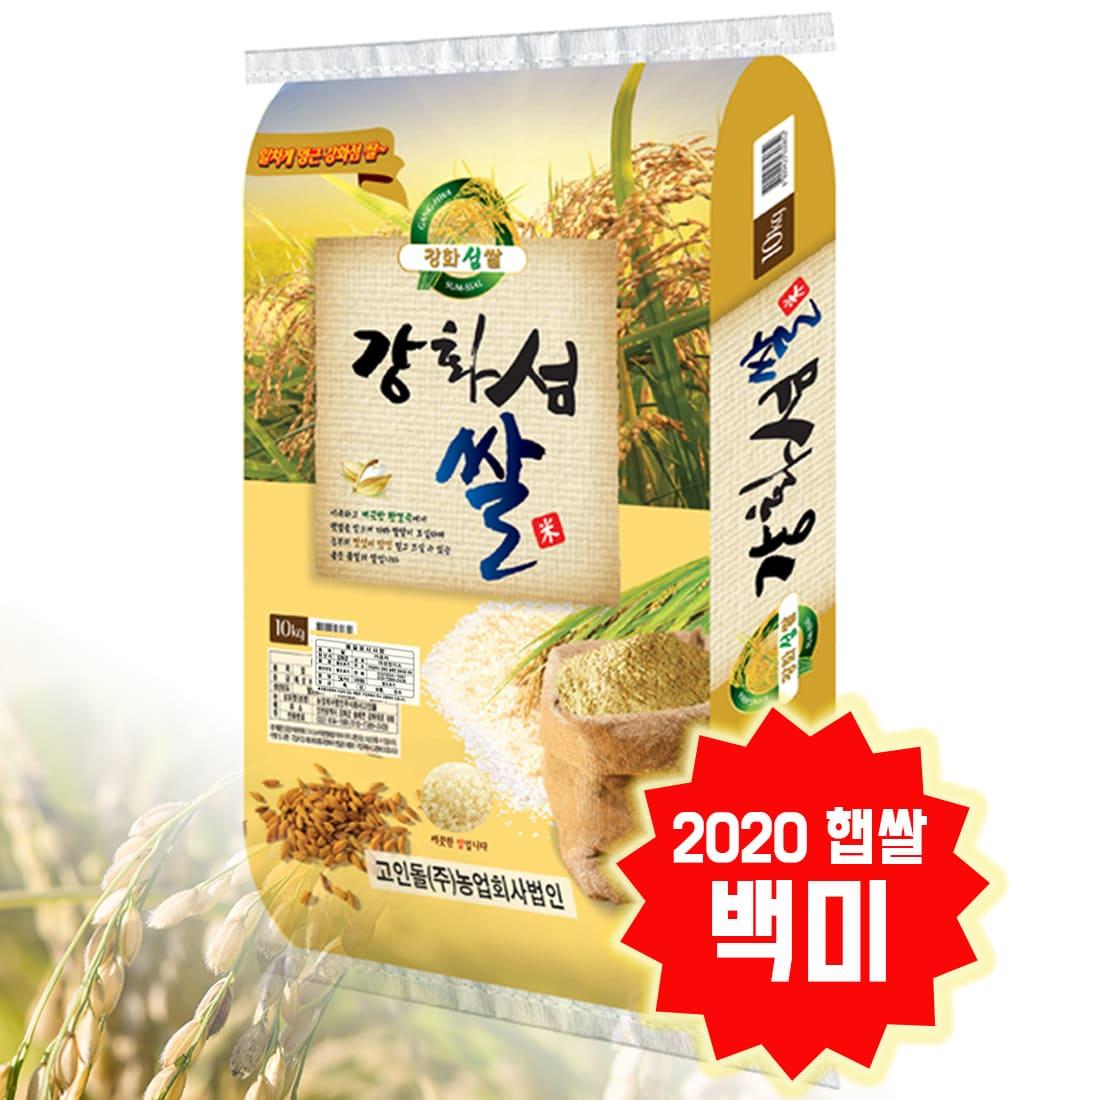 2020년 햅쌀 강화섬쌀 쌀10kg, 단품